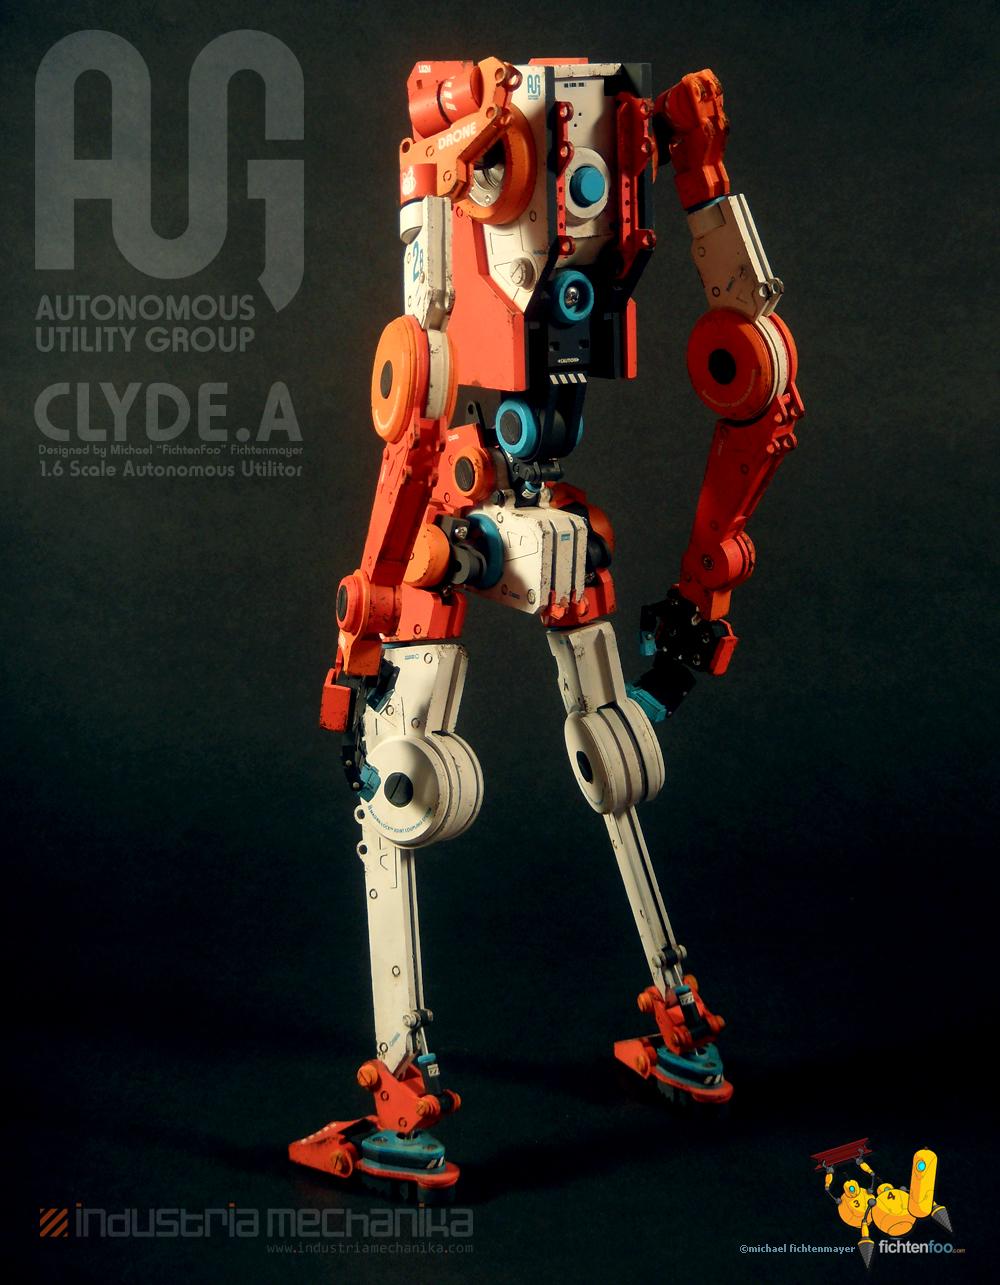 FichtenFoo-ClydeA1-03